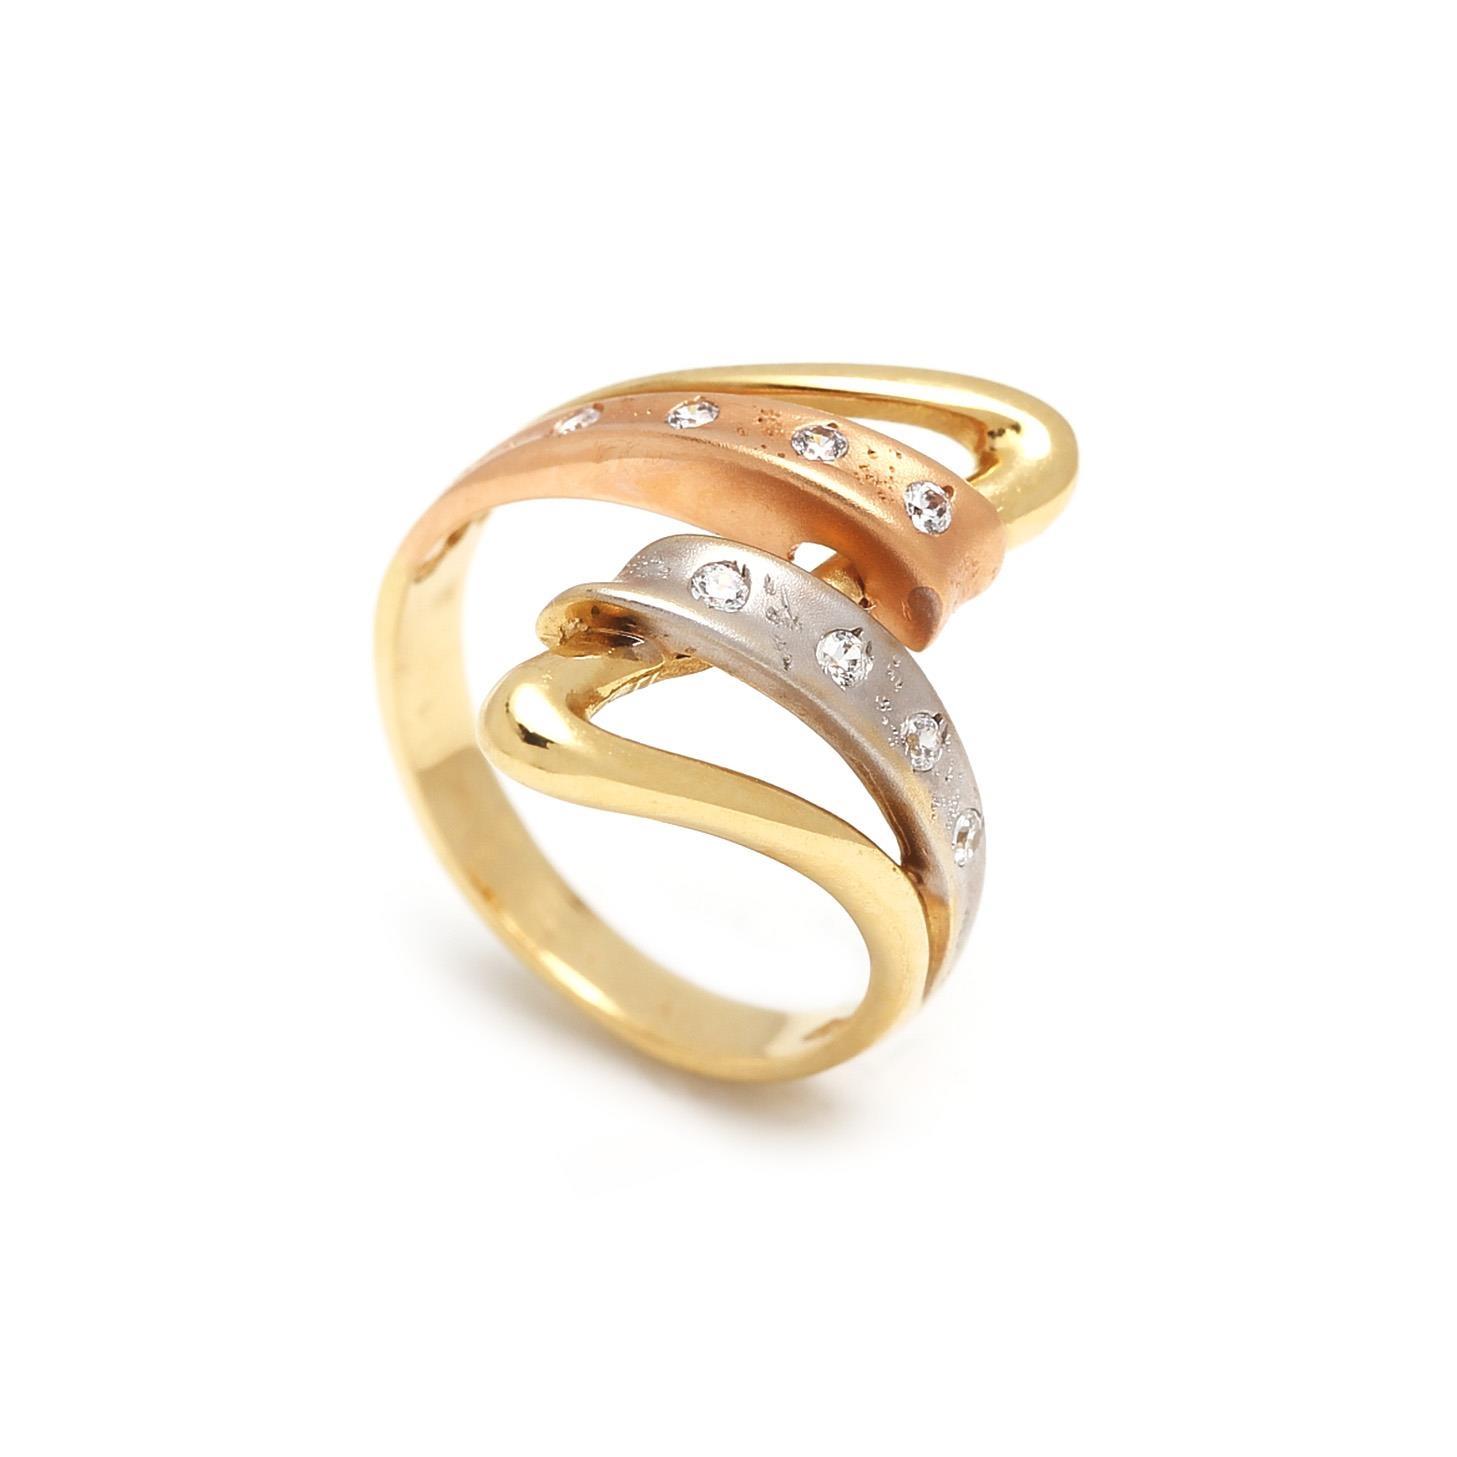 Zlatý dámsky prsteň DELFINA 1PK00007